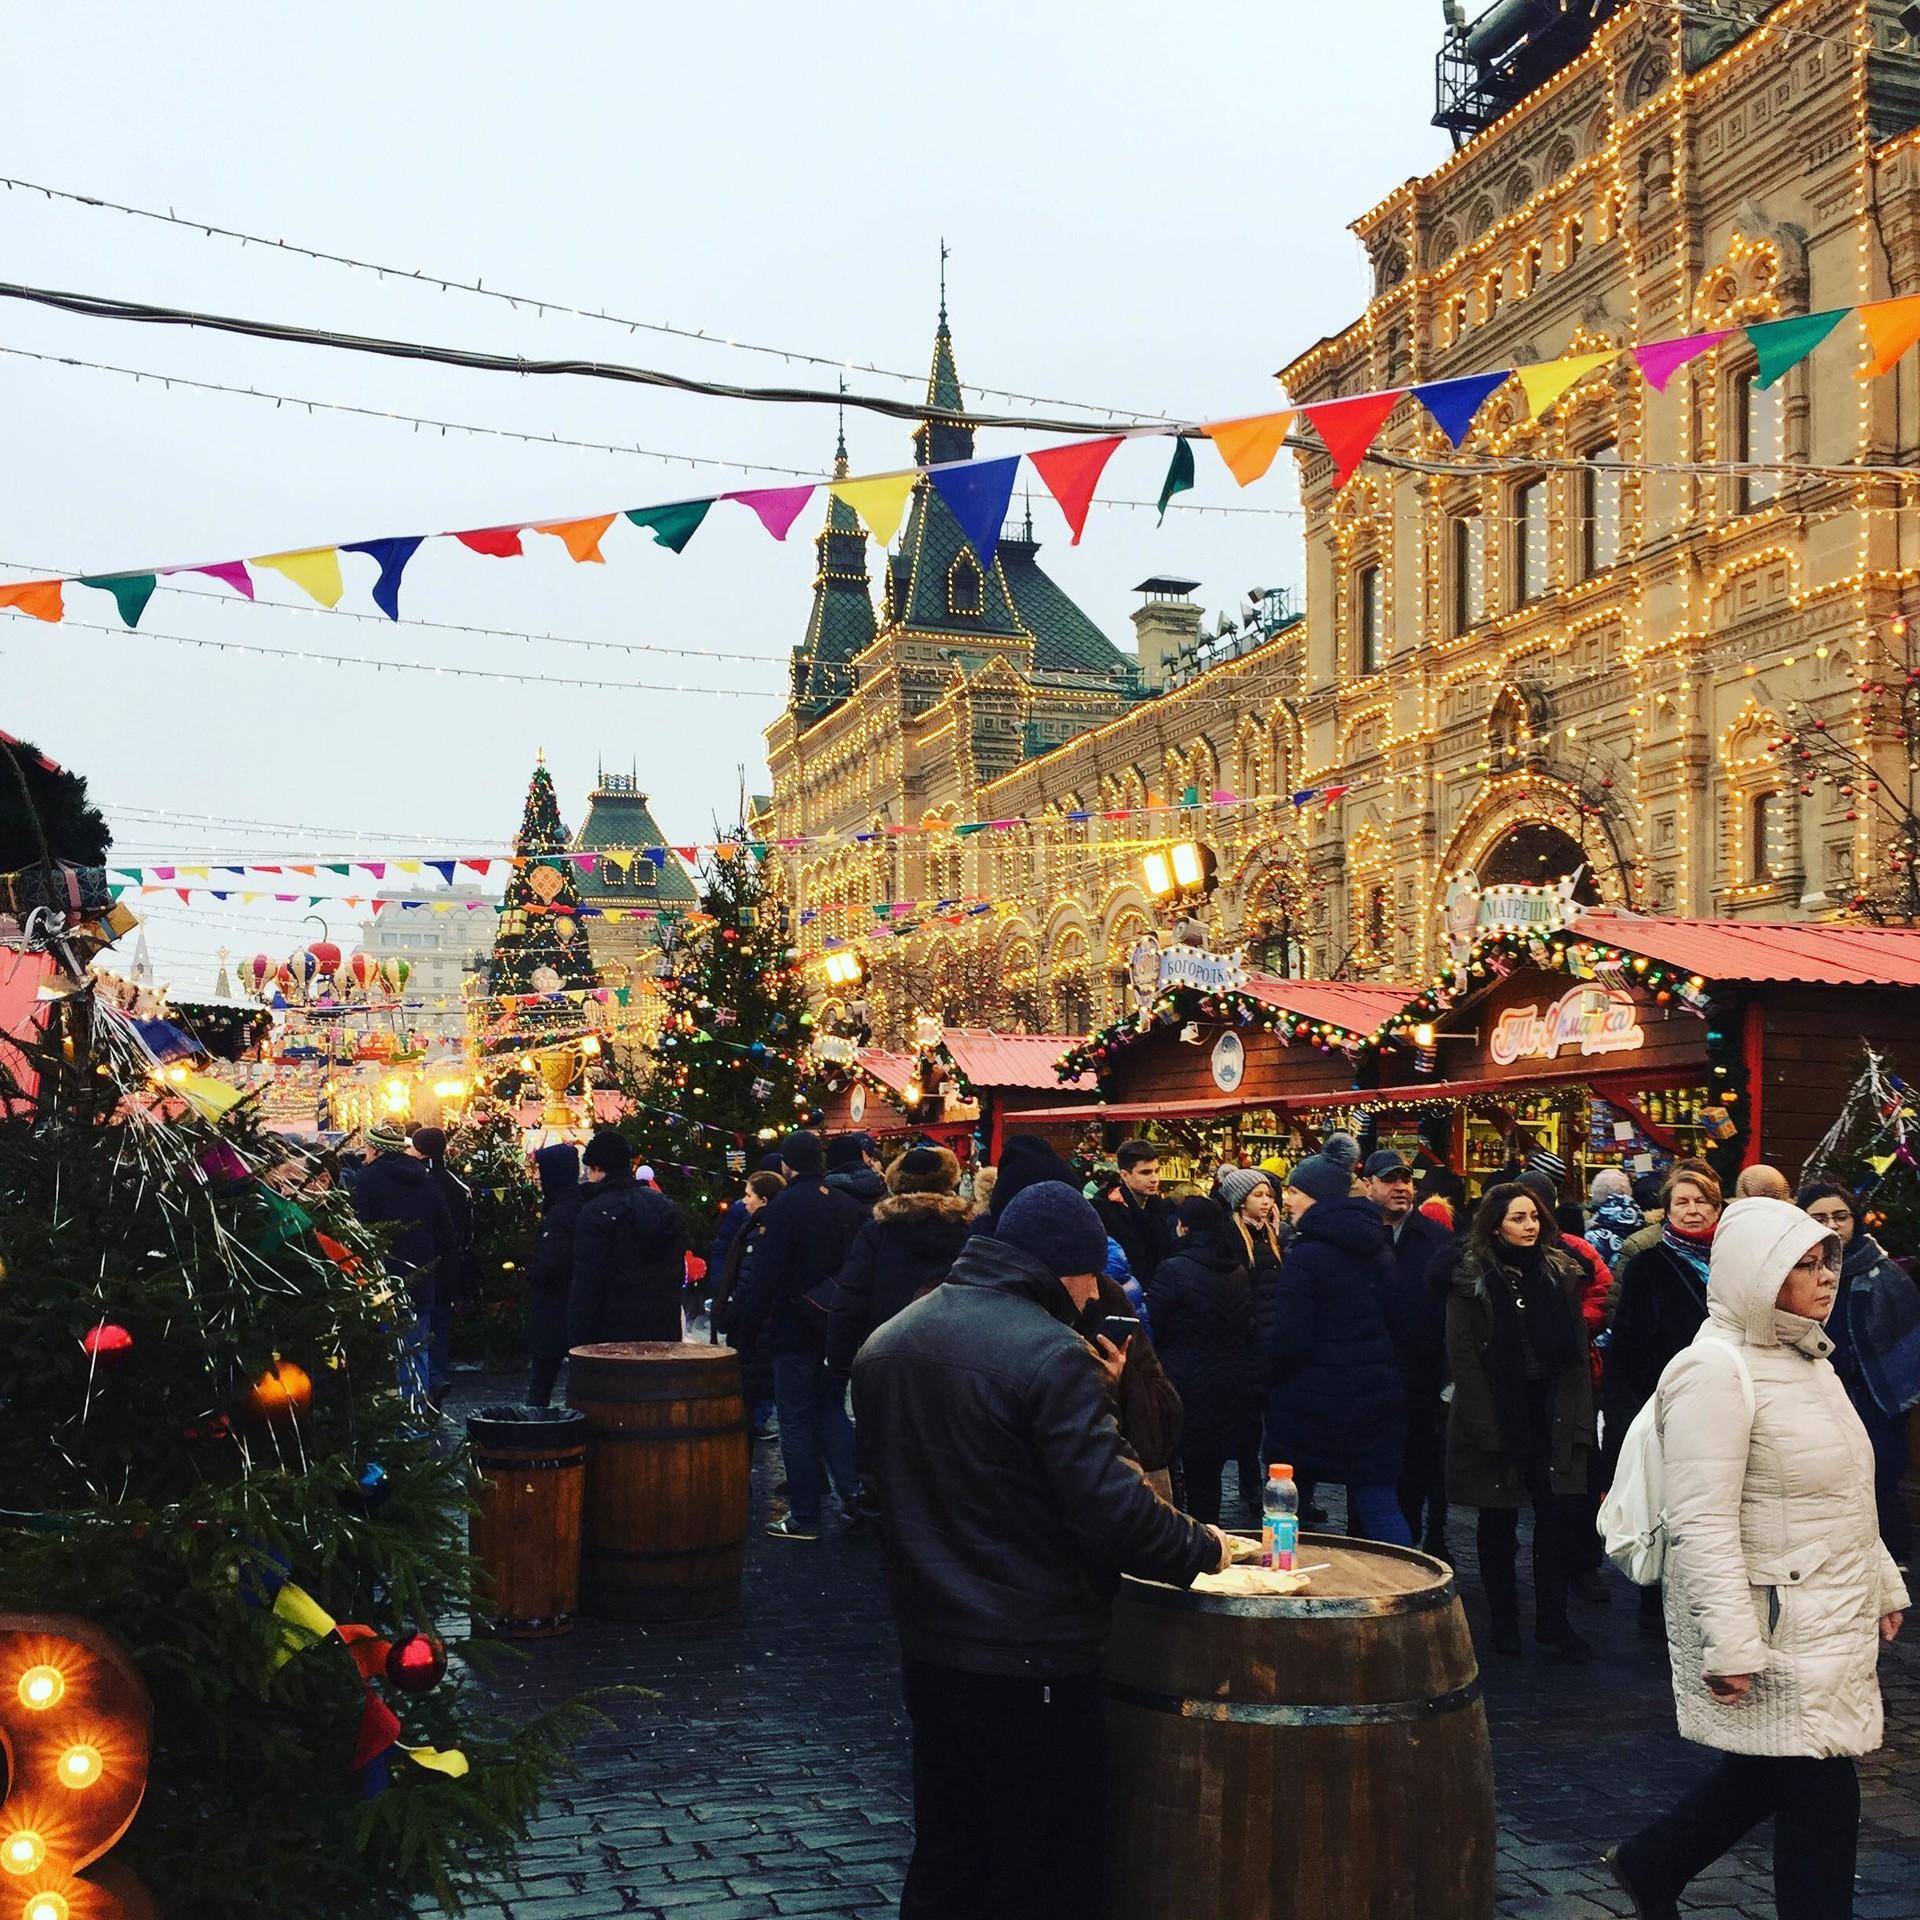 Božično-novoletni sejem pred veleblagovnico GUM na Rdečem trgu